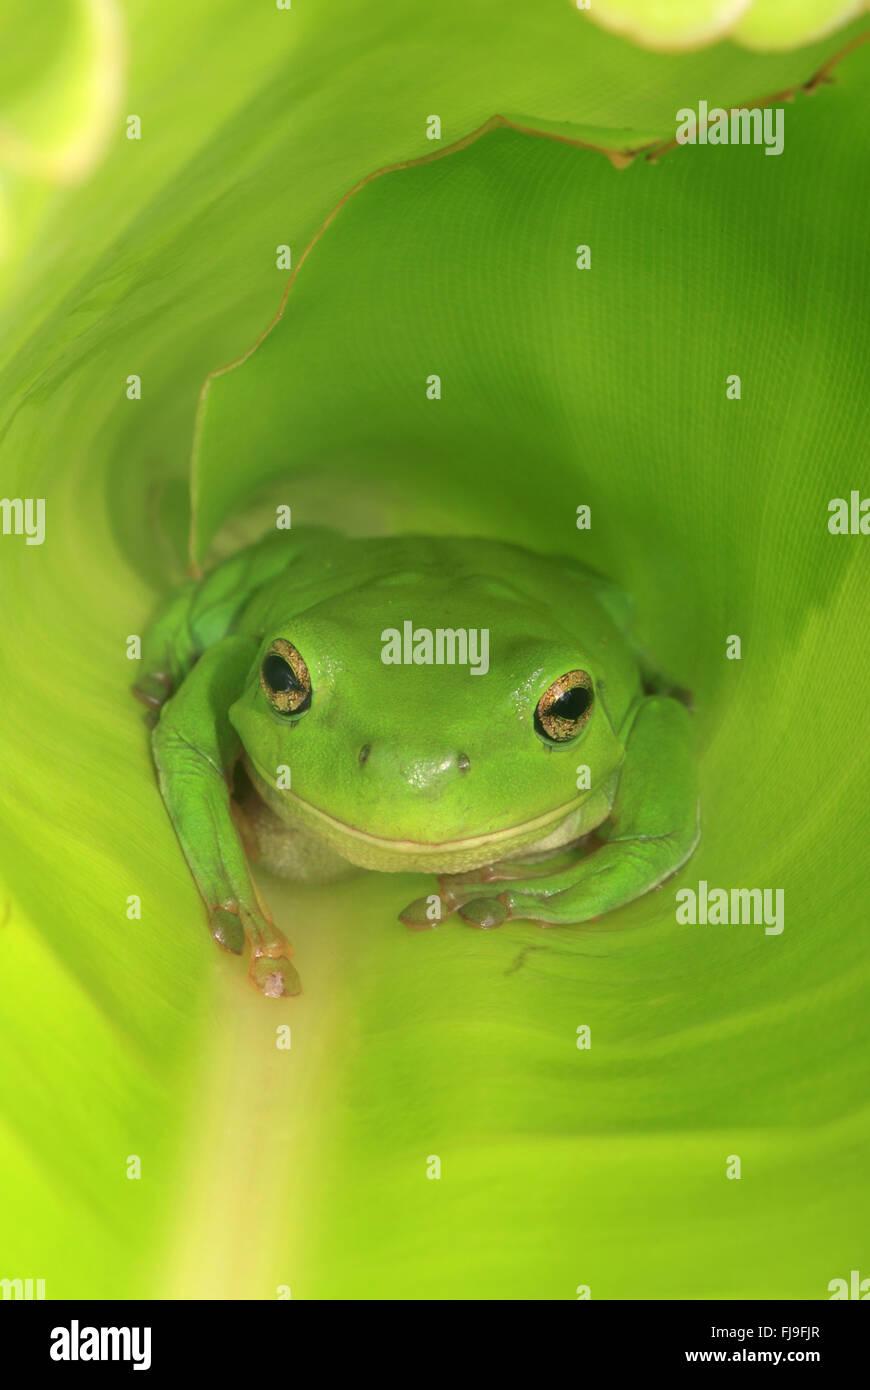 Eine australische Green Tree Frog sitzen in einem großen breiten grünen Blatt. Stockfoto